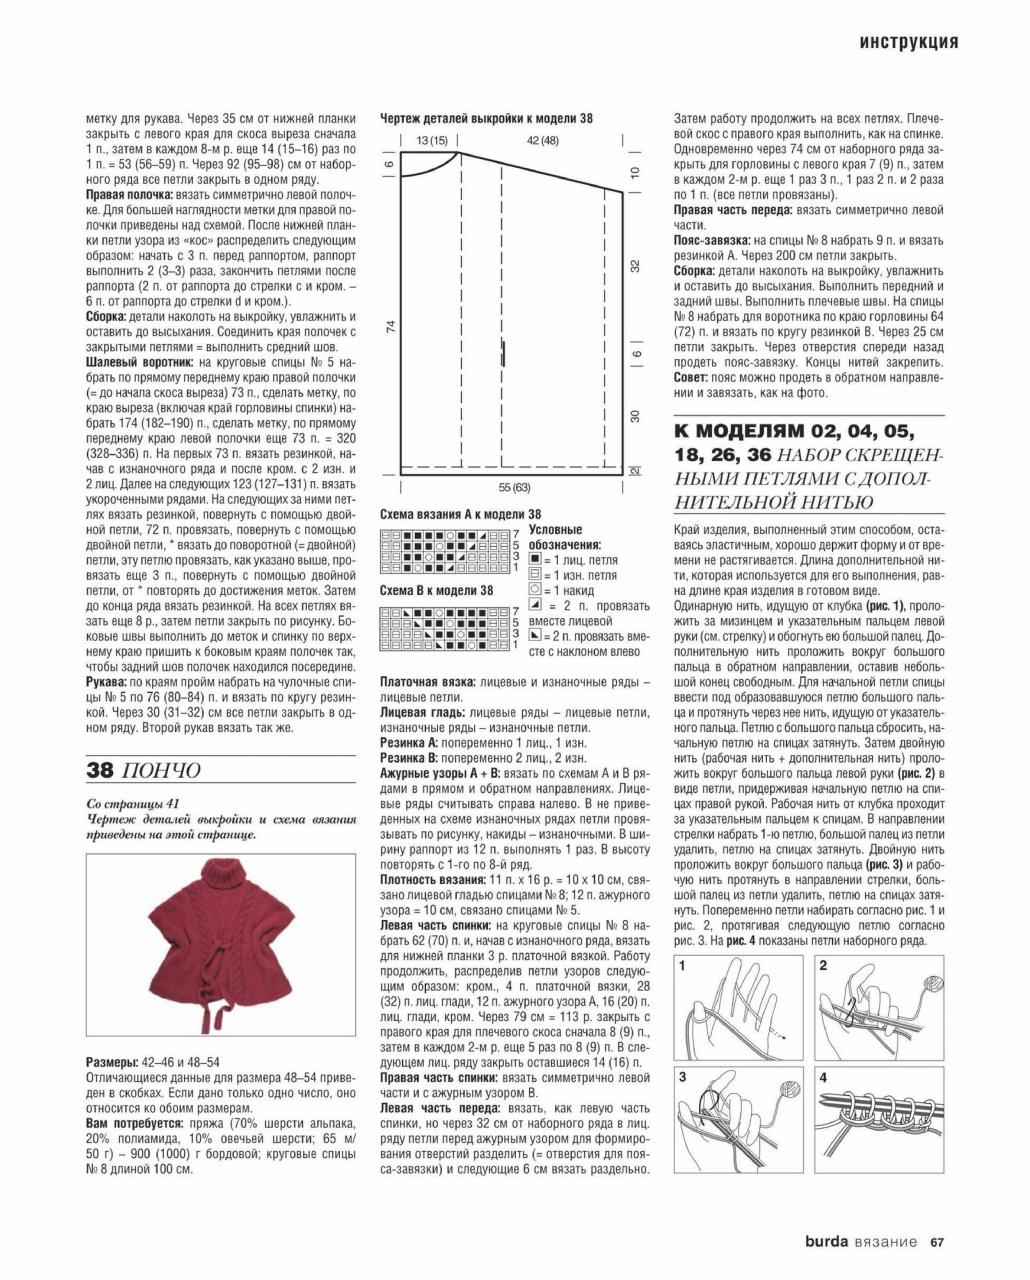 Журнал бурда вязание спицами 1990 со схемами